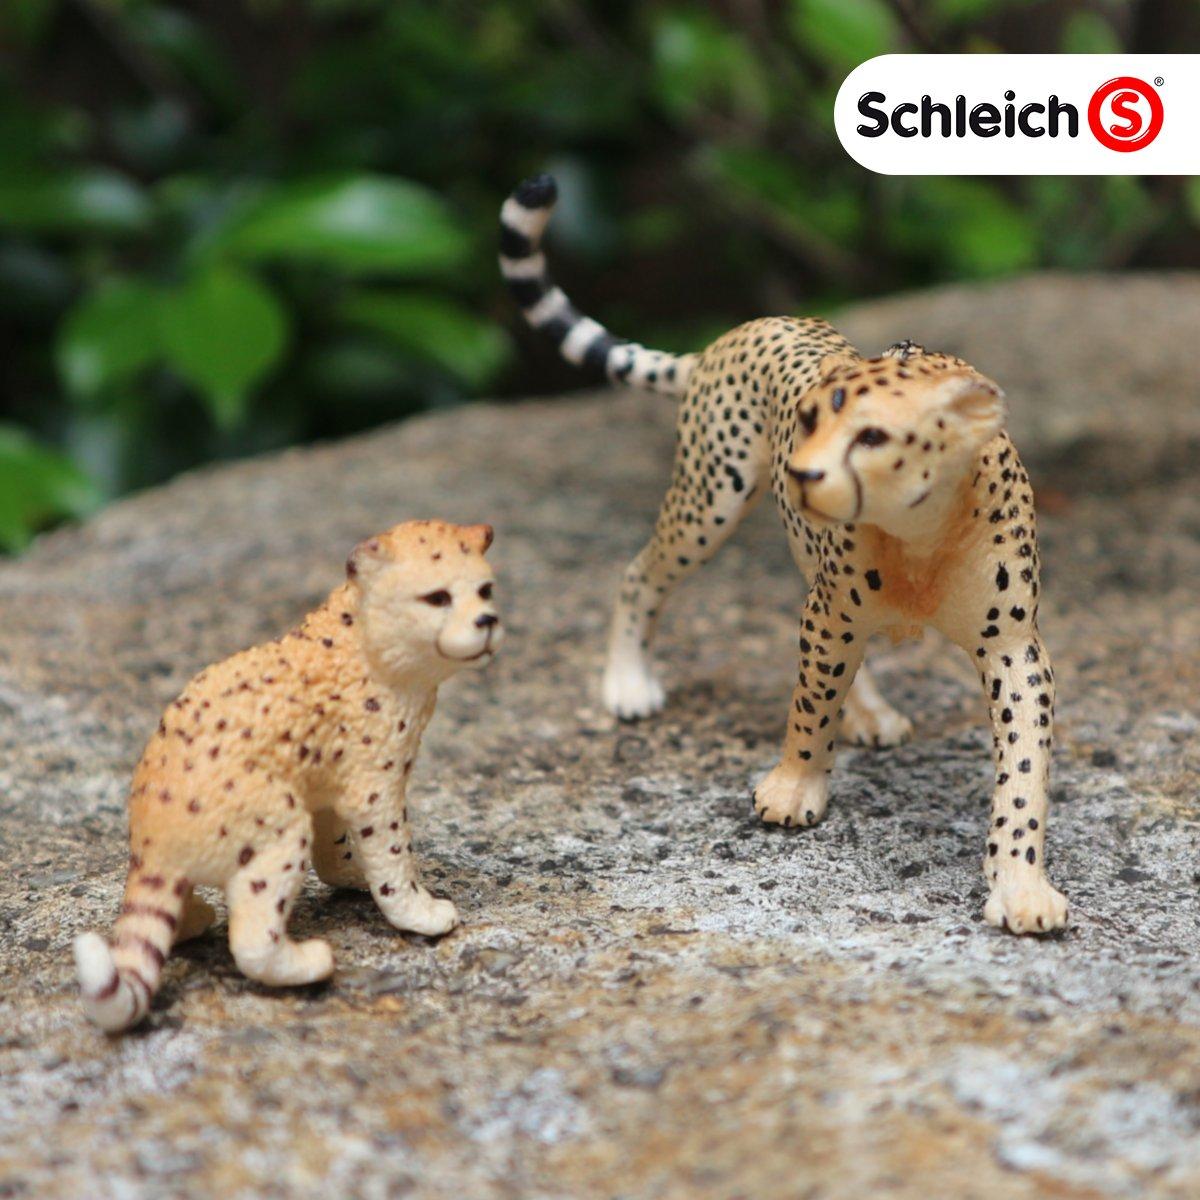 チータの親子です。 ぬきあし、さしあし・・・って感じのメスの足元が自慢です!  #チータ #シュライヒ #おもちゃ #オモ写 #野生動物 #動物フィギュア #フィギュア #知育玩具 #教育玩具 #想像力 #発送力 #schleich pic.twitter.com/2fu7m2kHLr